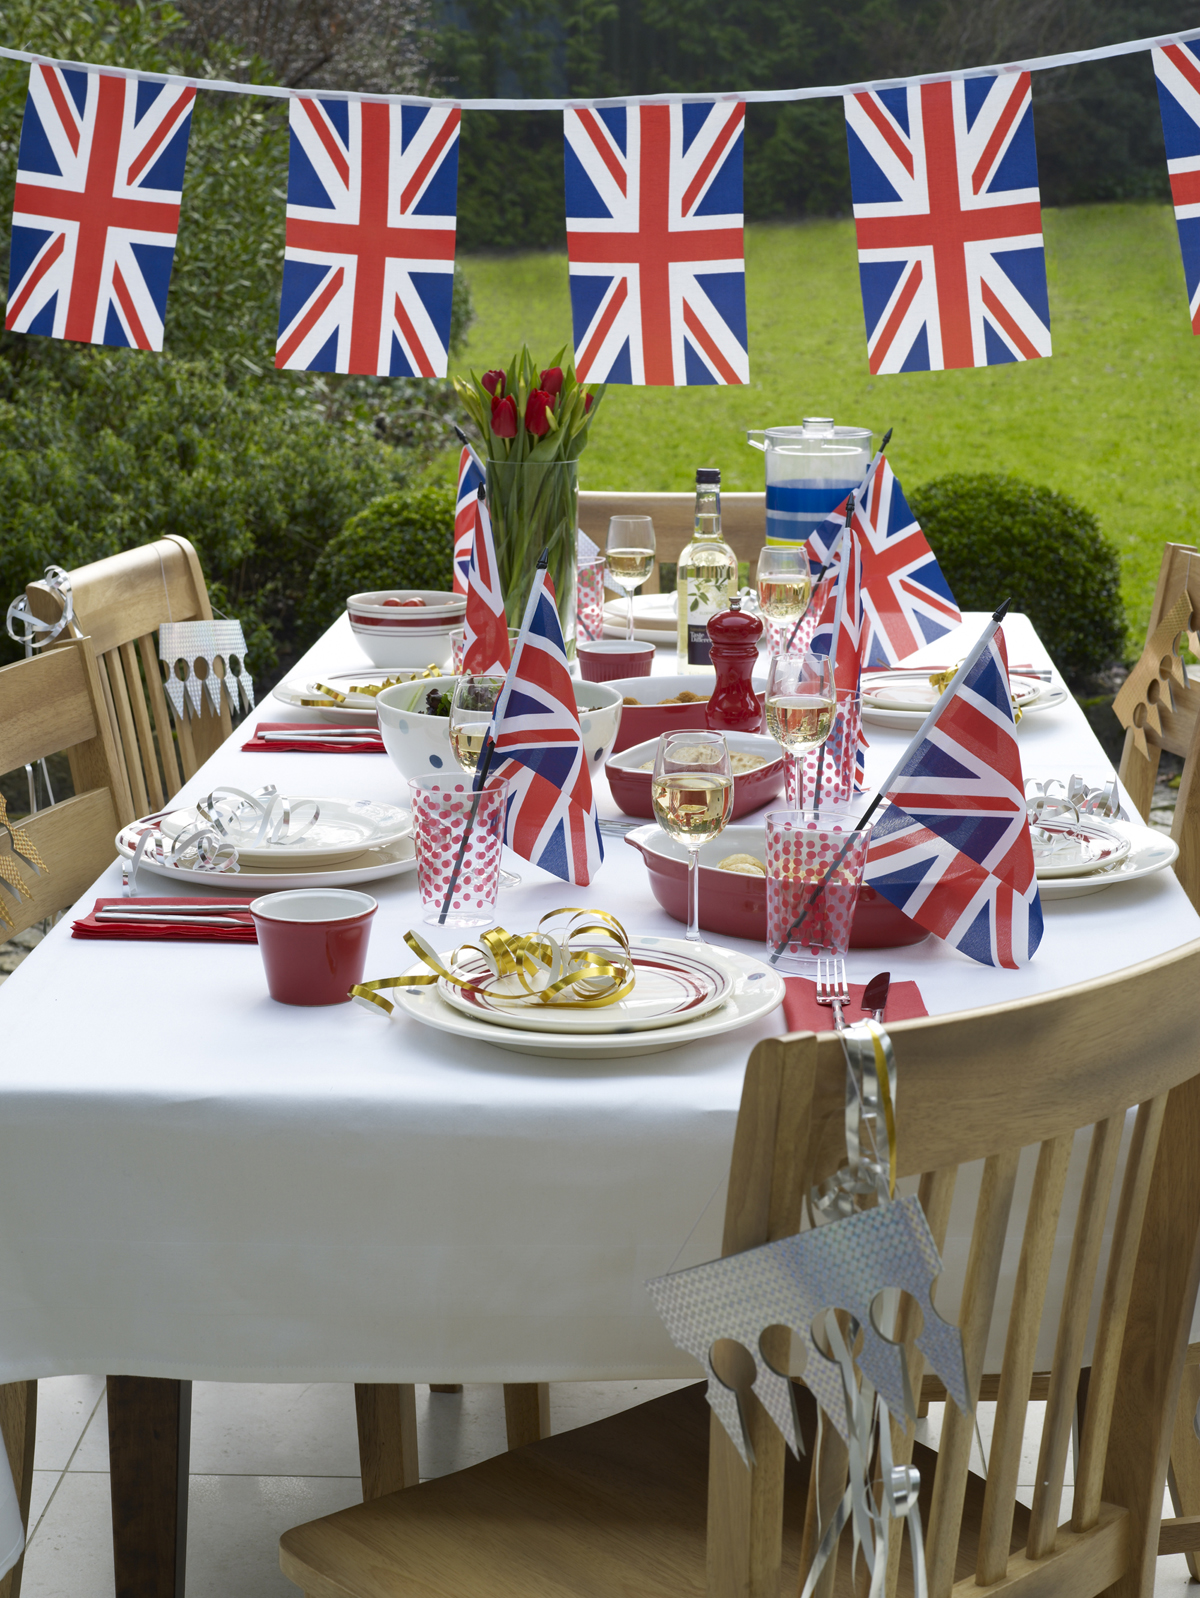 http://3.bp.blogspot.com/-1gFZrcTQUlw/TbnaghDSJ6I/AAAAAAAAAHo/TbDnH3XwMbw/s1600/British_Trend.jpg